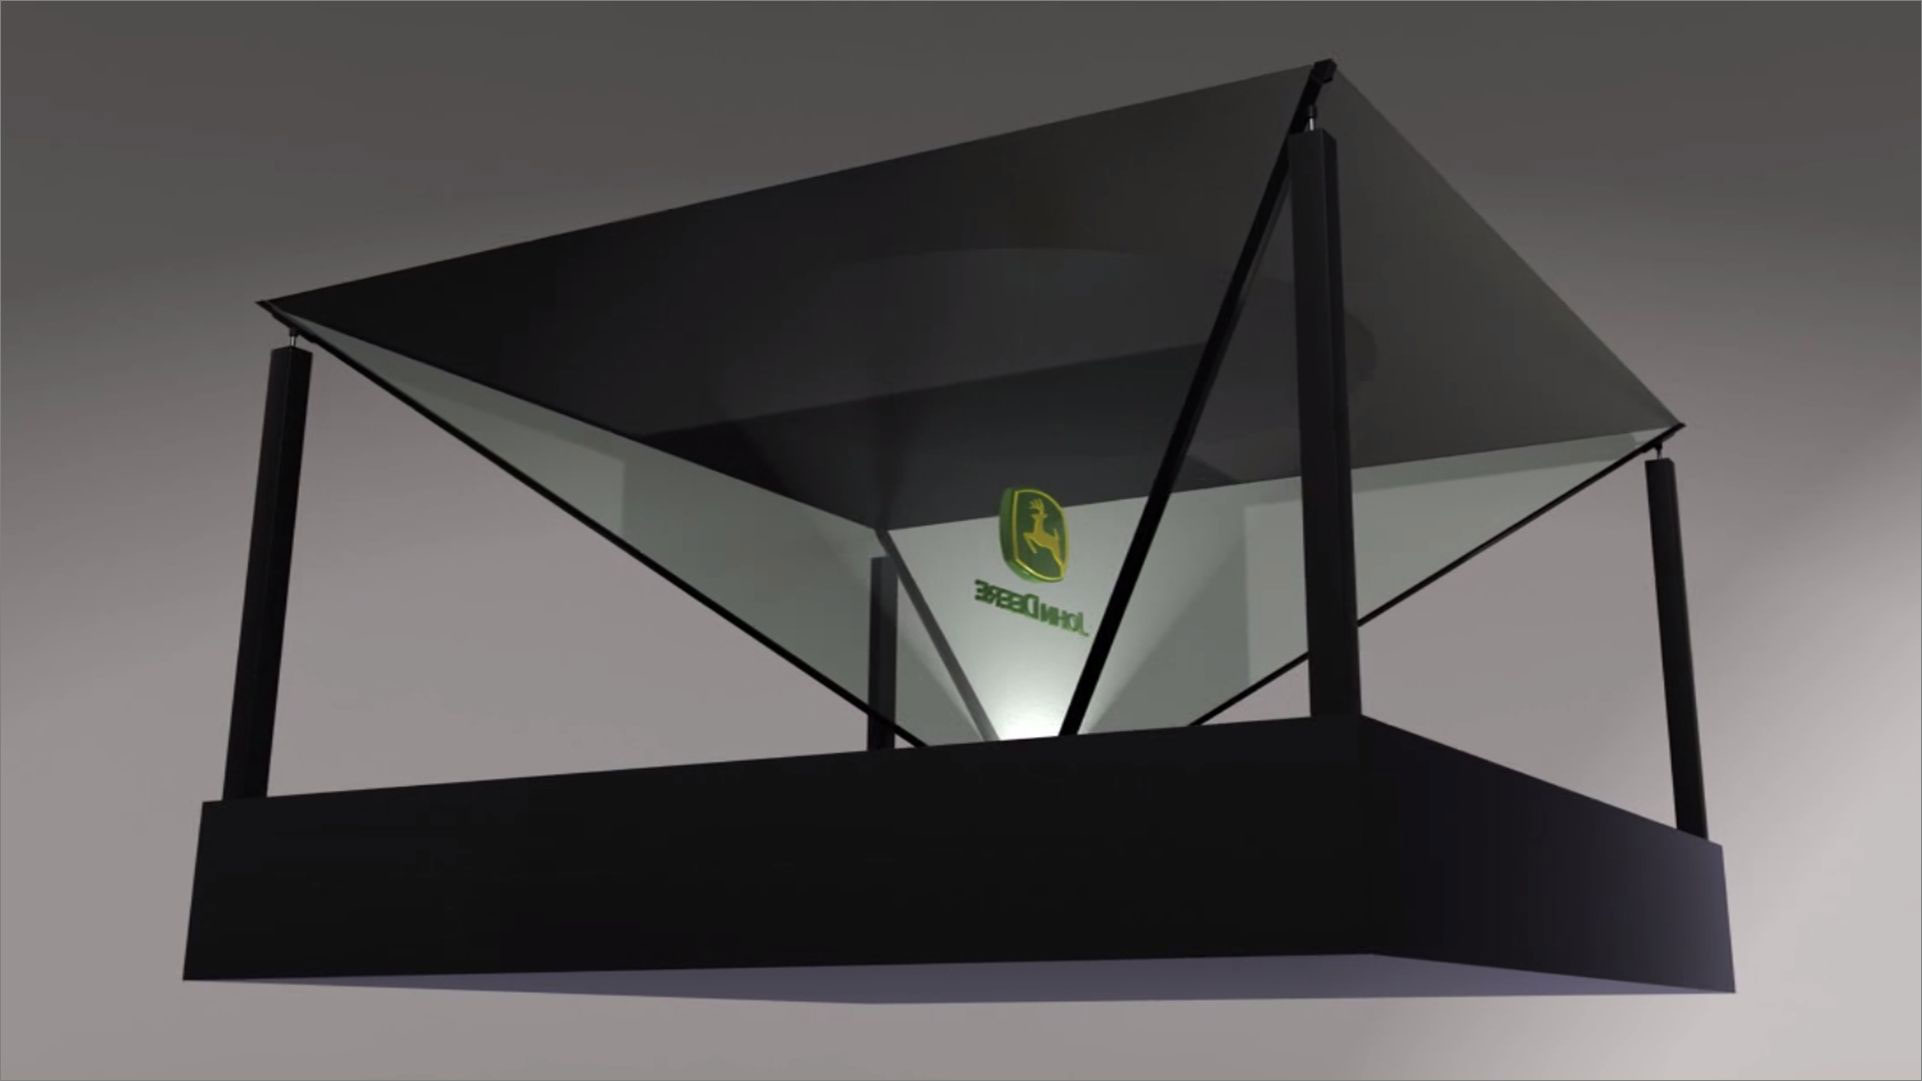 نمایشگر باکس چهار وجهی